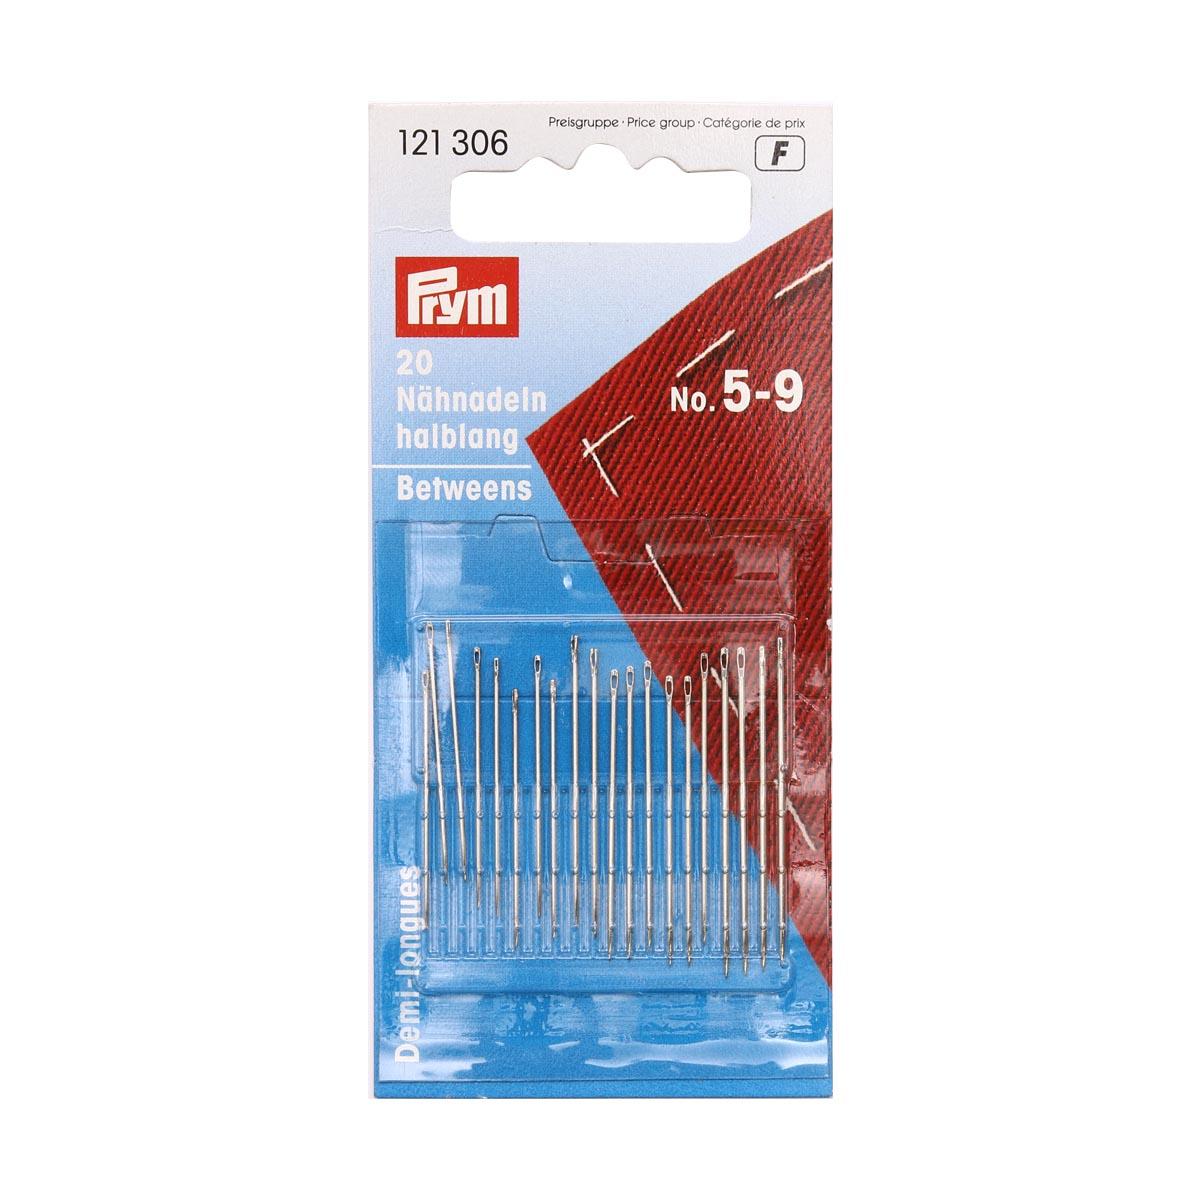 121306 Короткие иглы для шитья (сталь) 5-9 серебр.цв. Prym